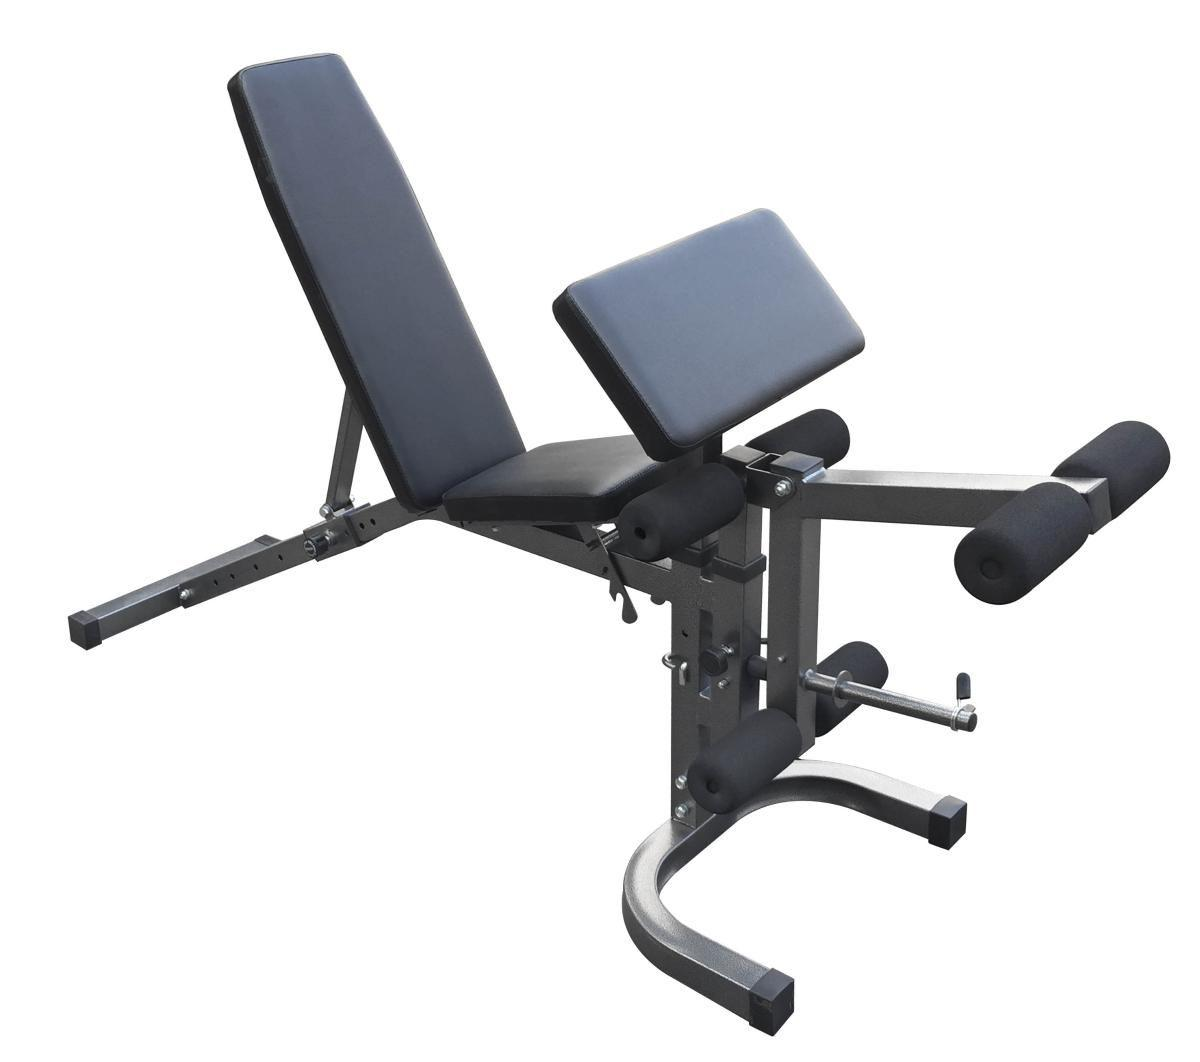 Banco de Supino 378 Estação de musculação aparelho ginastica - WCT Fitness  Produto não disponível 27df4c8147546